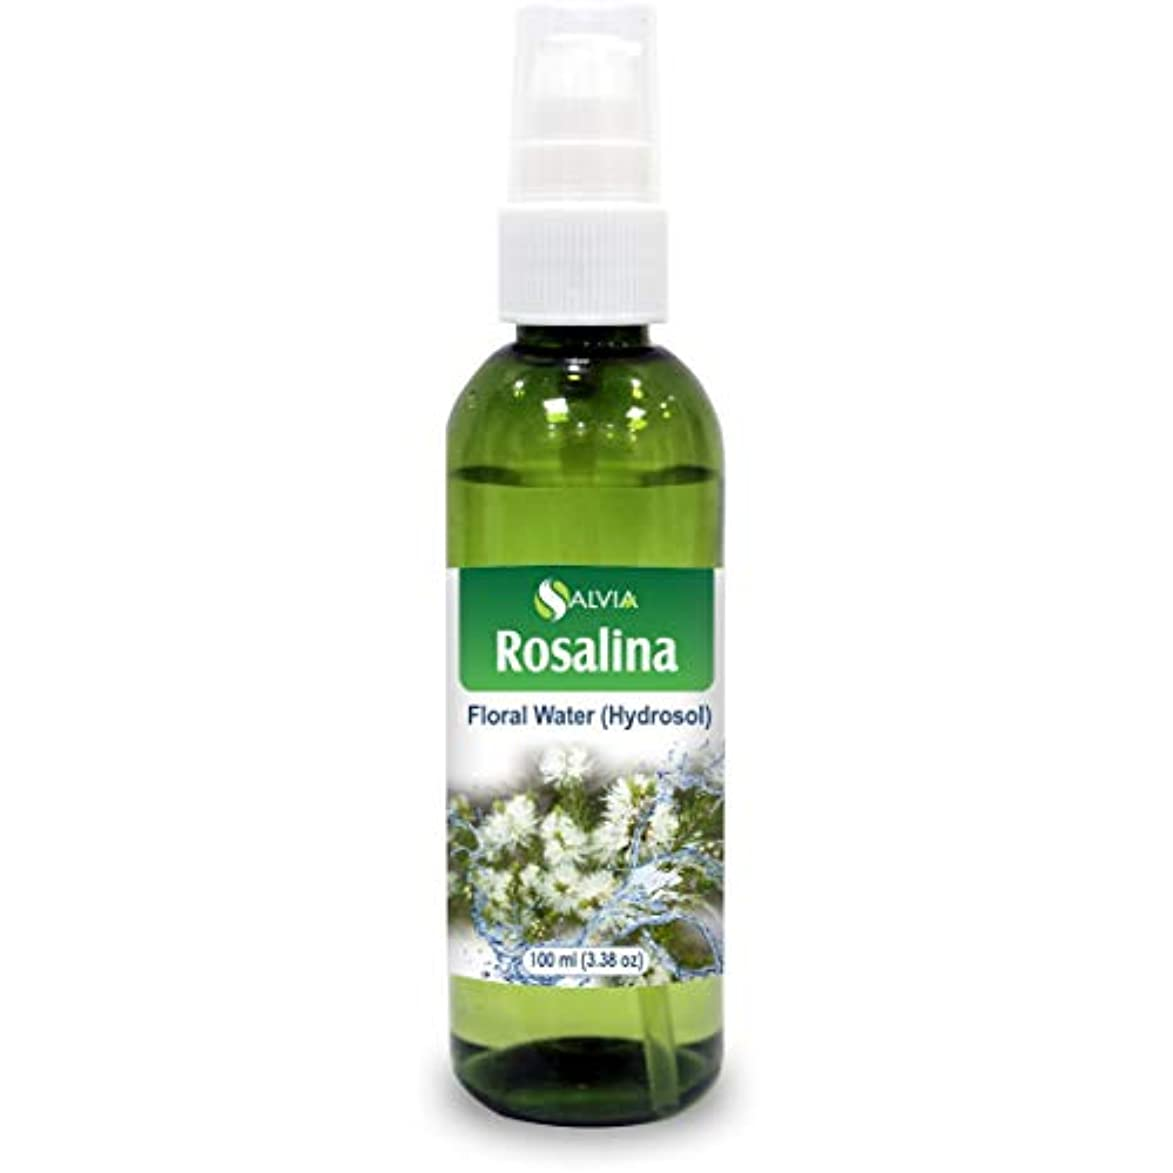 販売計画インド病気Rosalina Oil Floral Water 100ml (Hydrosol) 100% Pure And Natural